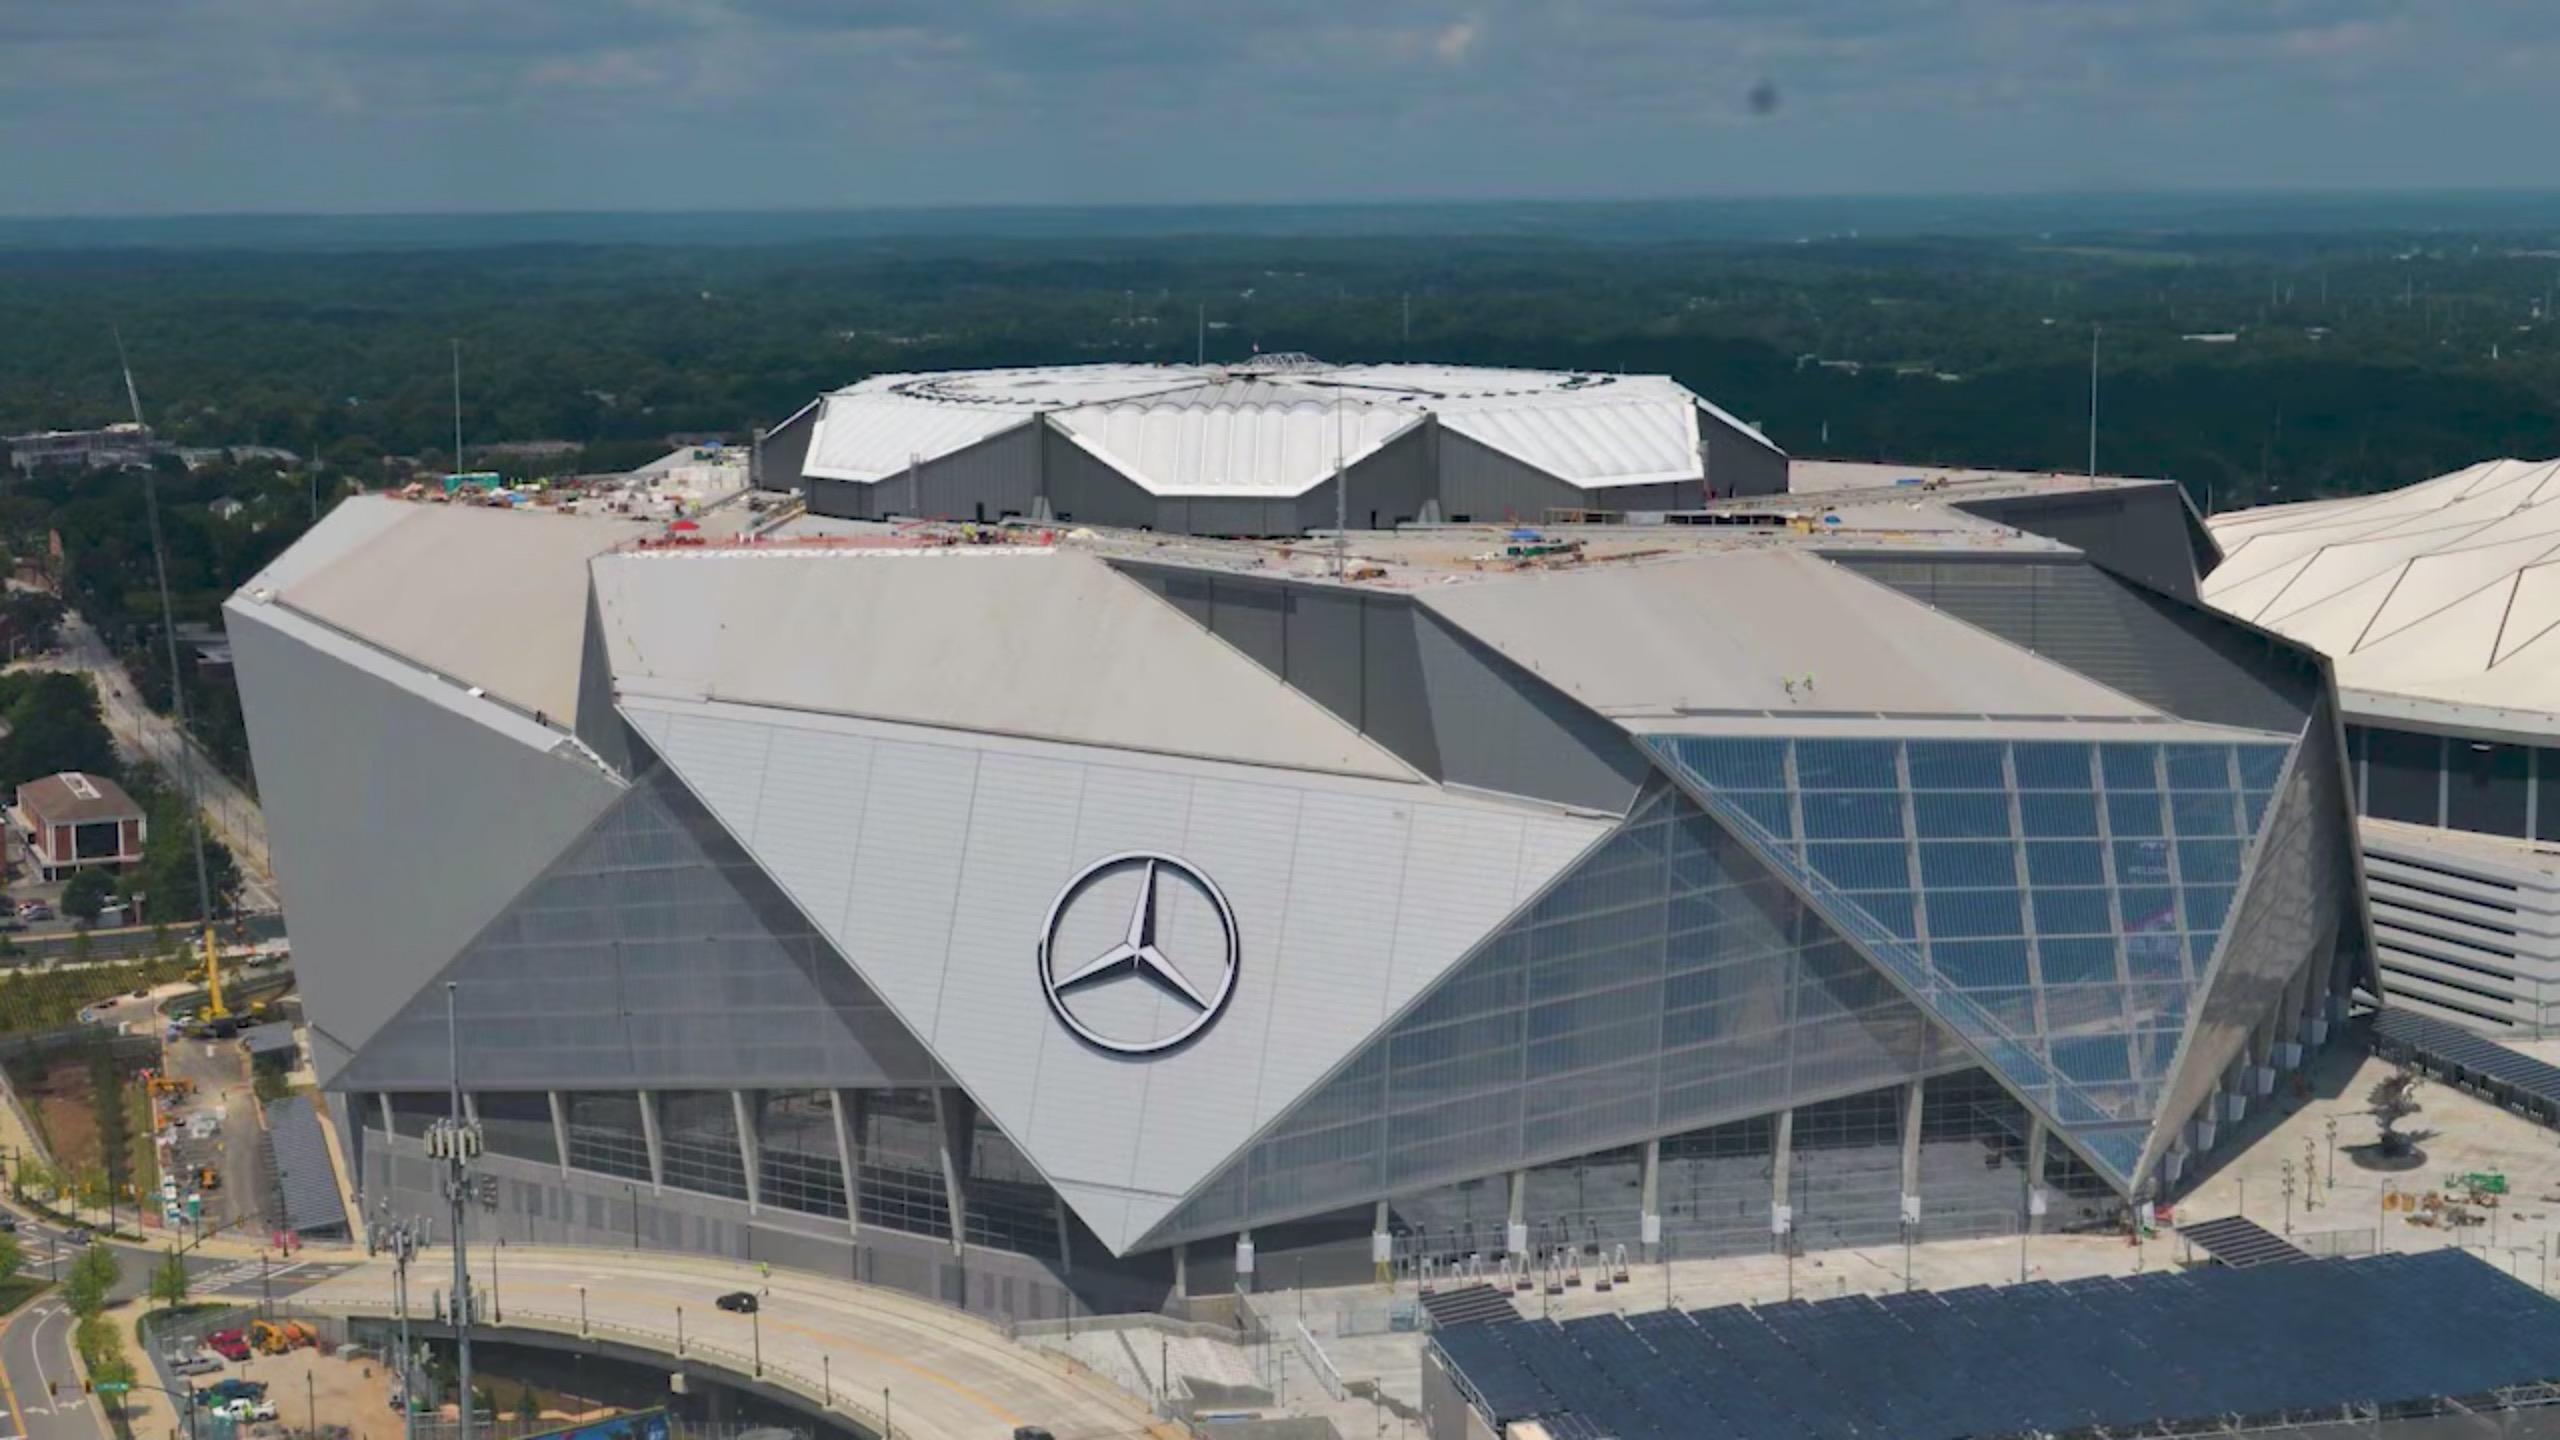 Mercedes_Benz_Stadium_time_lapse_capture_2017-08-13